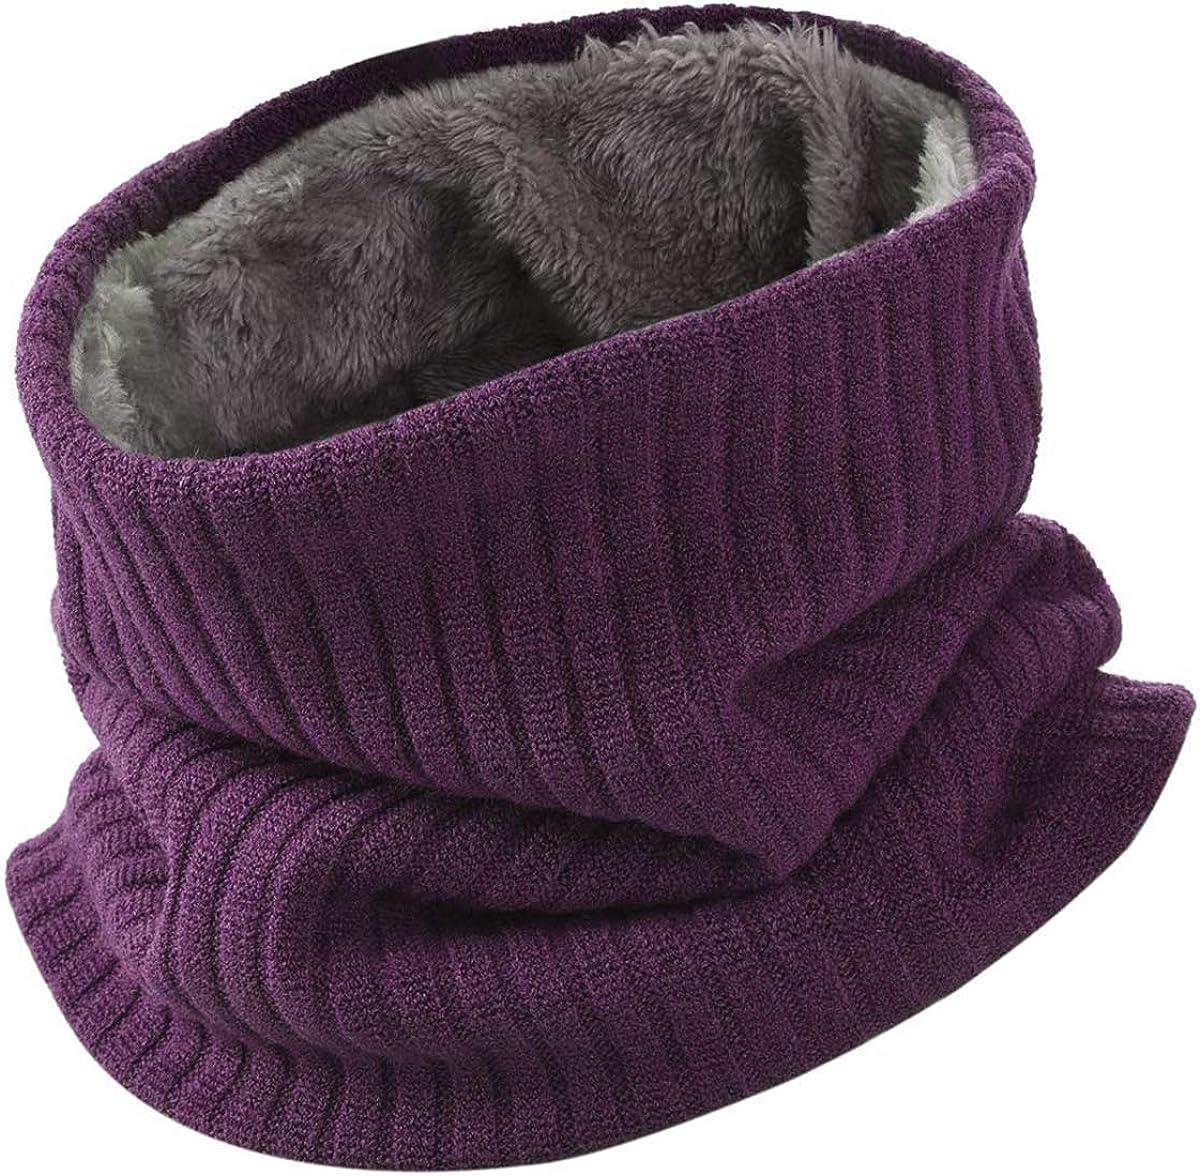 HIDARLING Invernale Berretti in Maglia con Sciarpa Invernale Beanie Set Cappello in Lana Sintetica Calda per Uomo//Donna